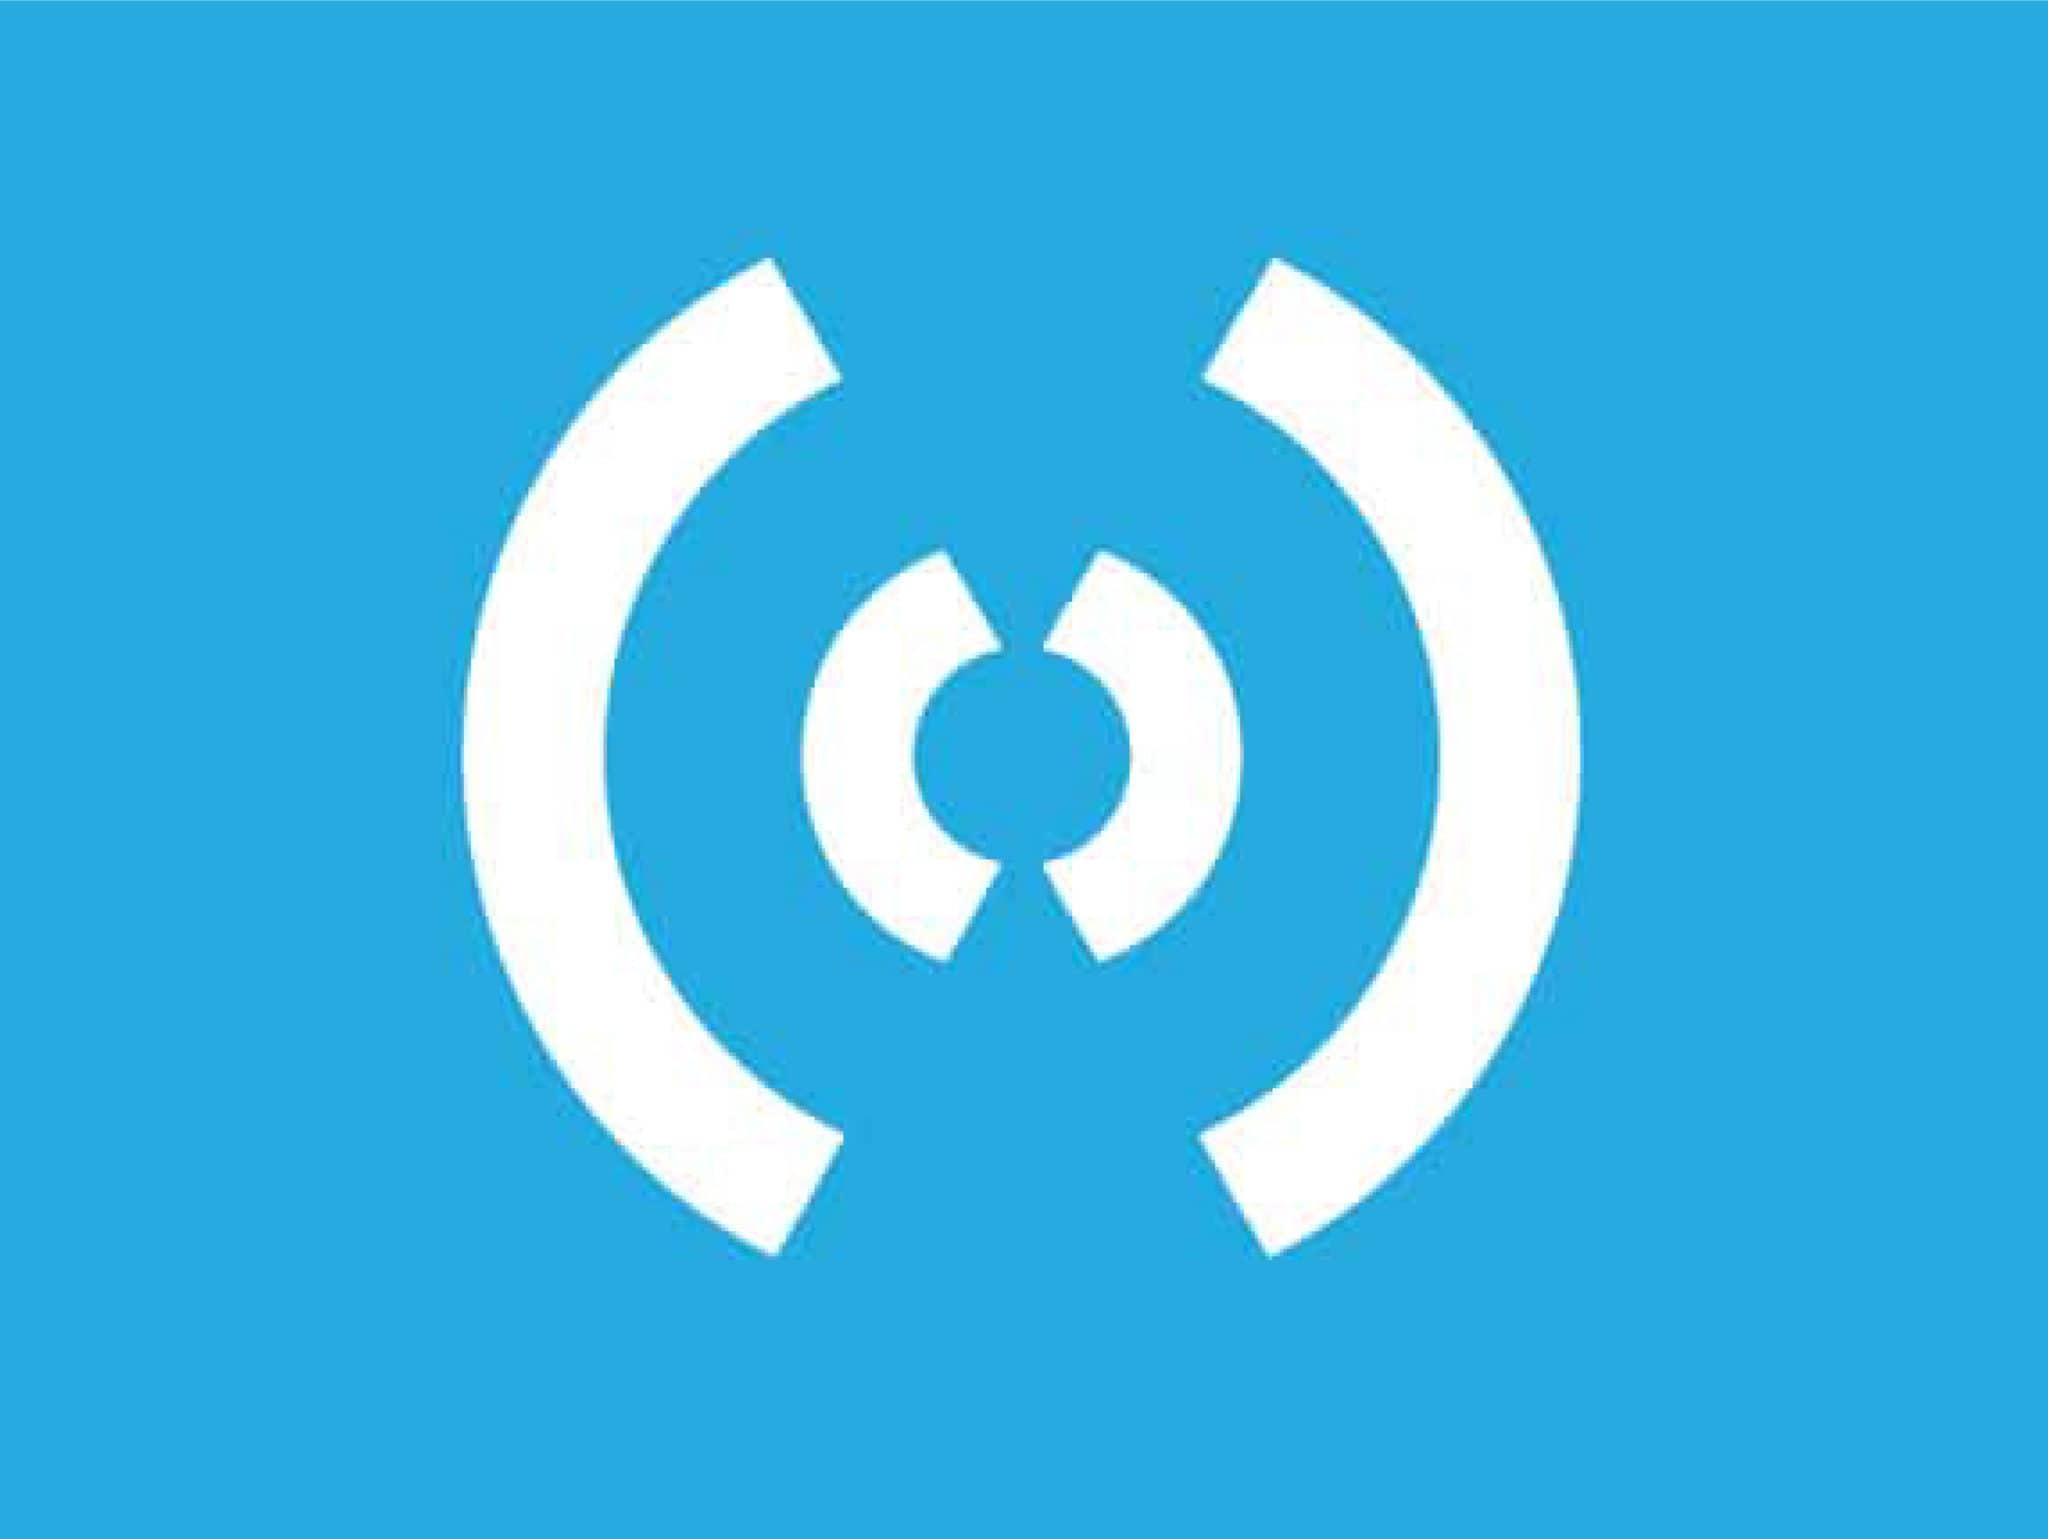 logo_objetconnecte_com